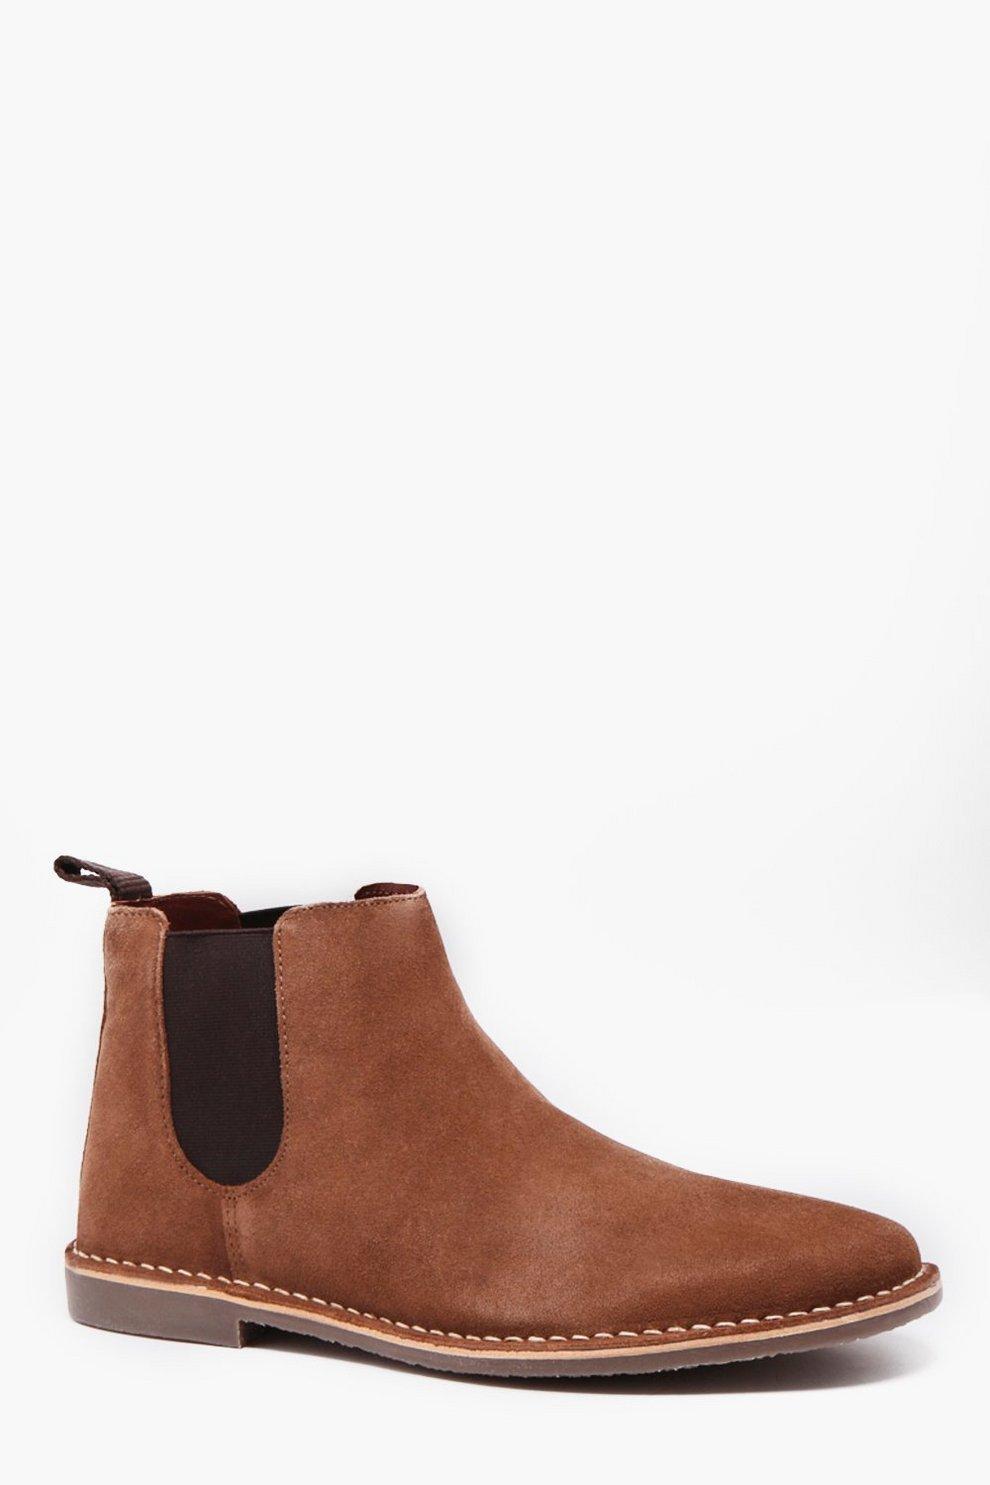 best sneakers 73f6d dfe2d Chelsea-Boots aus echtem Wildleder mit Gummisohle